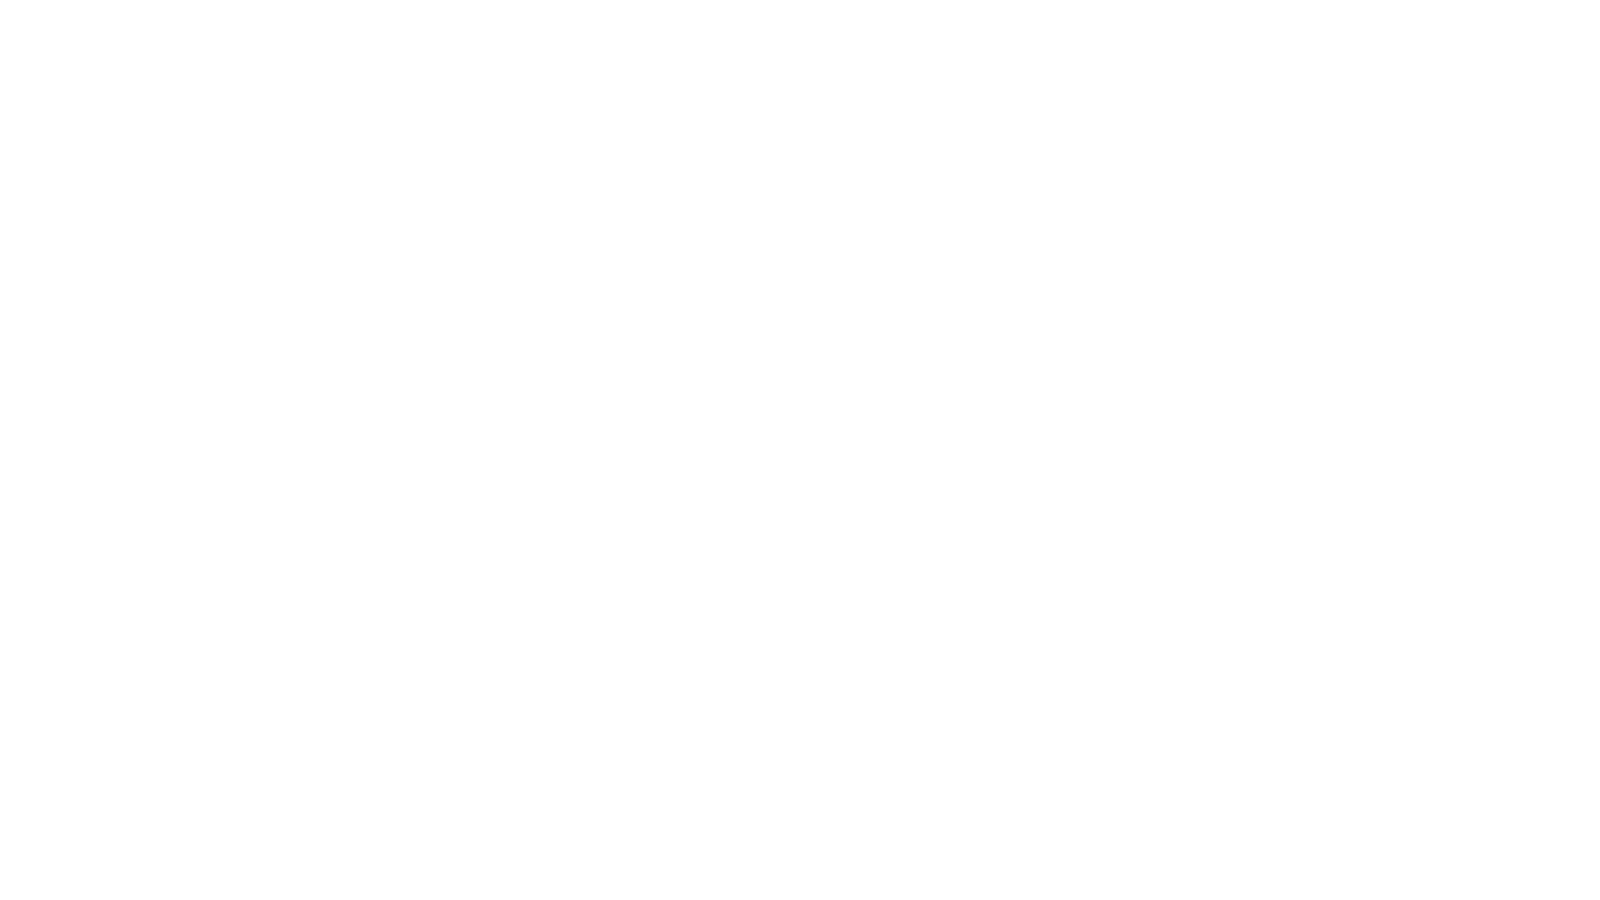 """Dessa vez, temos uma entrevista muito especial para vocês! Conversamos com Howard S. Warshaw, desenvolvedor dos jogos """"Yar's Revenge"""", """" Raiders of the Lost Ark"""" e """"E.T. the Extra-Terrestrial"""", todos do Atari.  Habilite as legendas em português e curta a entrevista!  (Entrevista realizada em 09/03/2021)  Howard Scott Warshaw - Livro """"Once Upon Atari"""" Amazon: https://amzn.to/38rriJF Amazon Brasil: https://amzn.to/38srM2m Apple Books: http://apple.co/38pvolo Barnes & Noble: http://bit.ly/3qqWIGg Também vendido nas lojas: Tolino e Vivlio  - Website do Howard sobre a Atari: https://newonceuponatari.hswarshaw.com  - Twitter: https://twitter.com/HSWarshaw   -------------------- Acompanhe-nos em nossas redes sociais! Facebook: https://www.facebook.com/archarise/ Twitter: https://twitter.com/arch_arise Instagram: https://www.instagram.com/archarise/ Twitch: https://www.twitch.tv/archarise Site: http://www.arise.mae.usp.br  #ARISE #Atari #HowardWarshaw"""